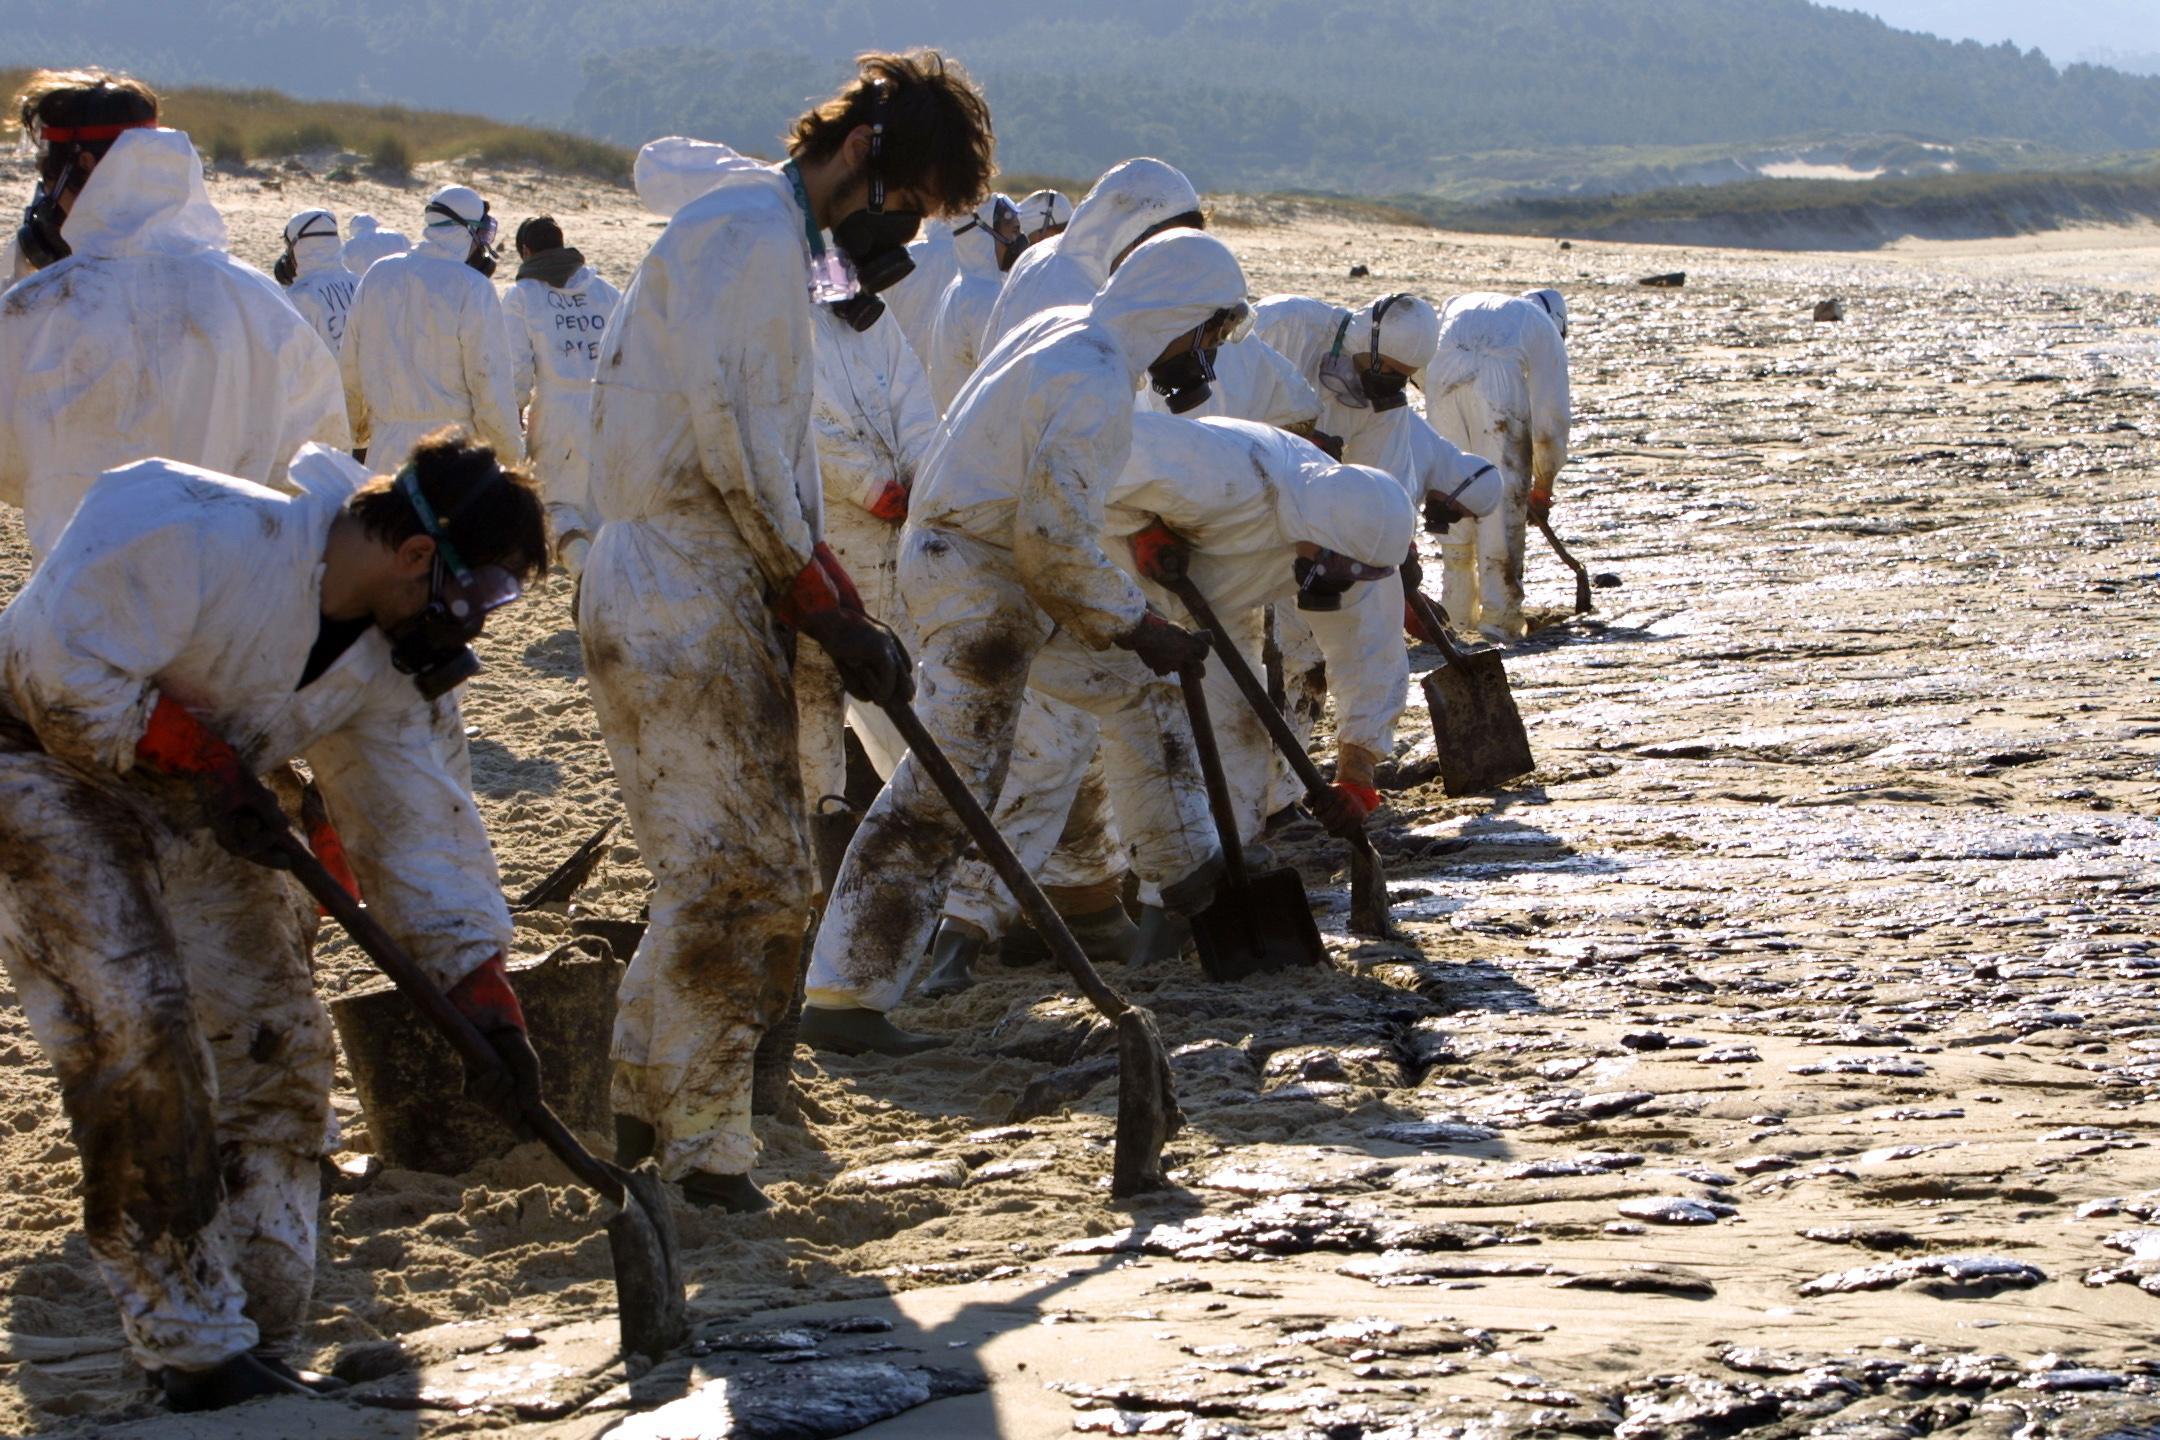 07/12/2002 <br>Voluntarios tratan de arrancar el fuel en la playa de O Rostro, en Fisterra  <br>José Manuel Casal